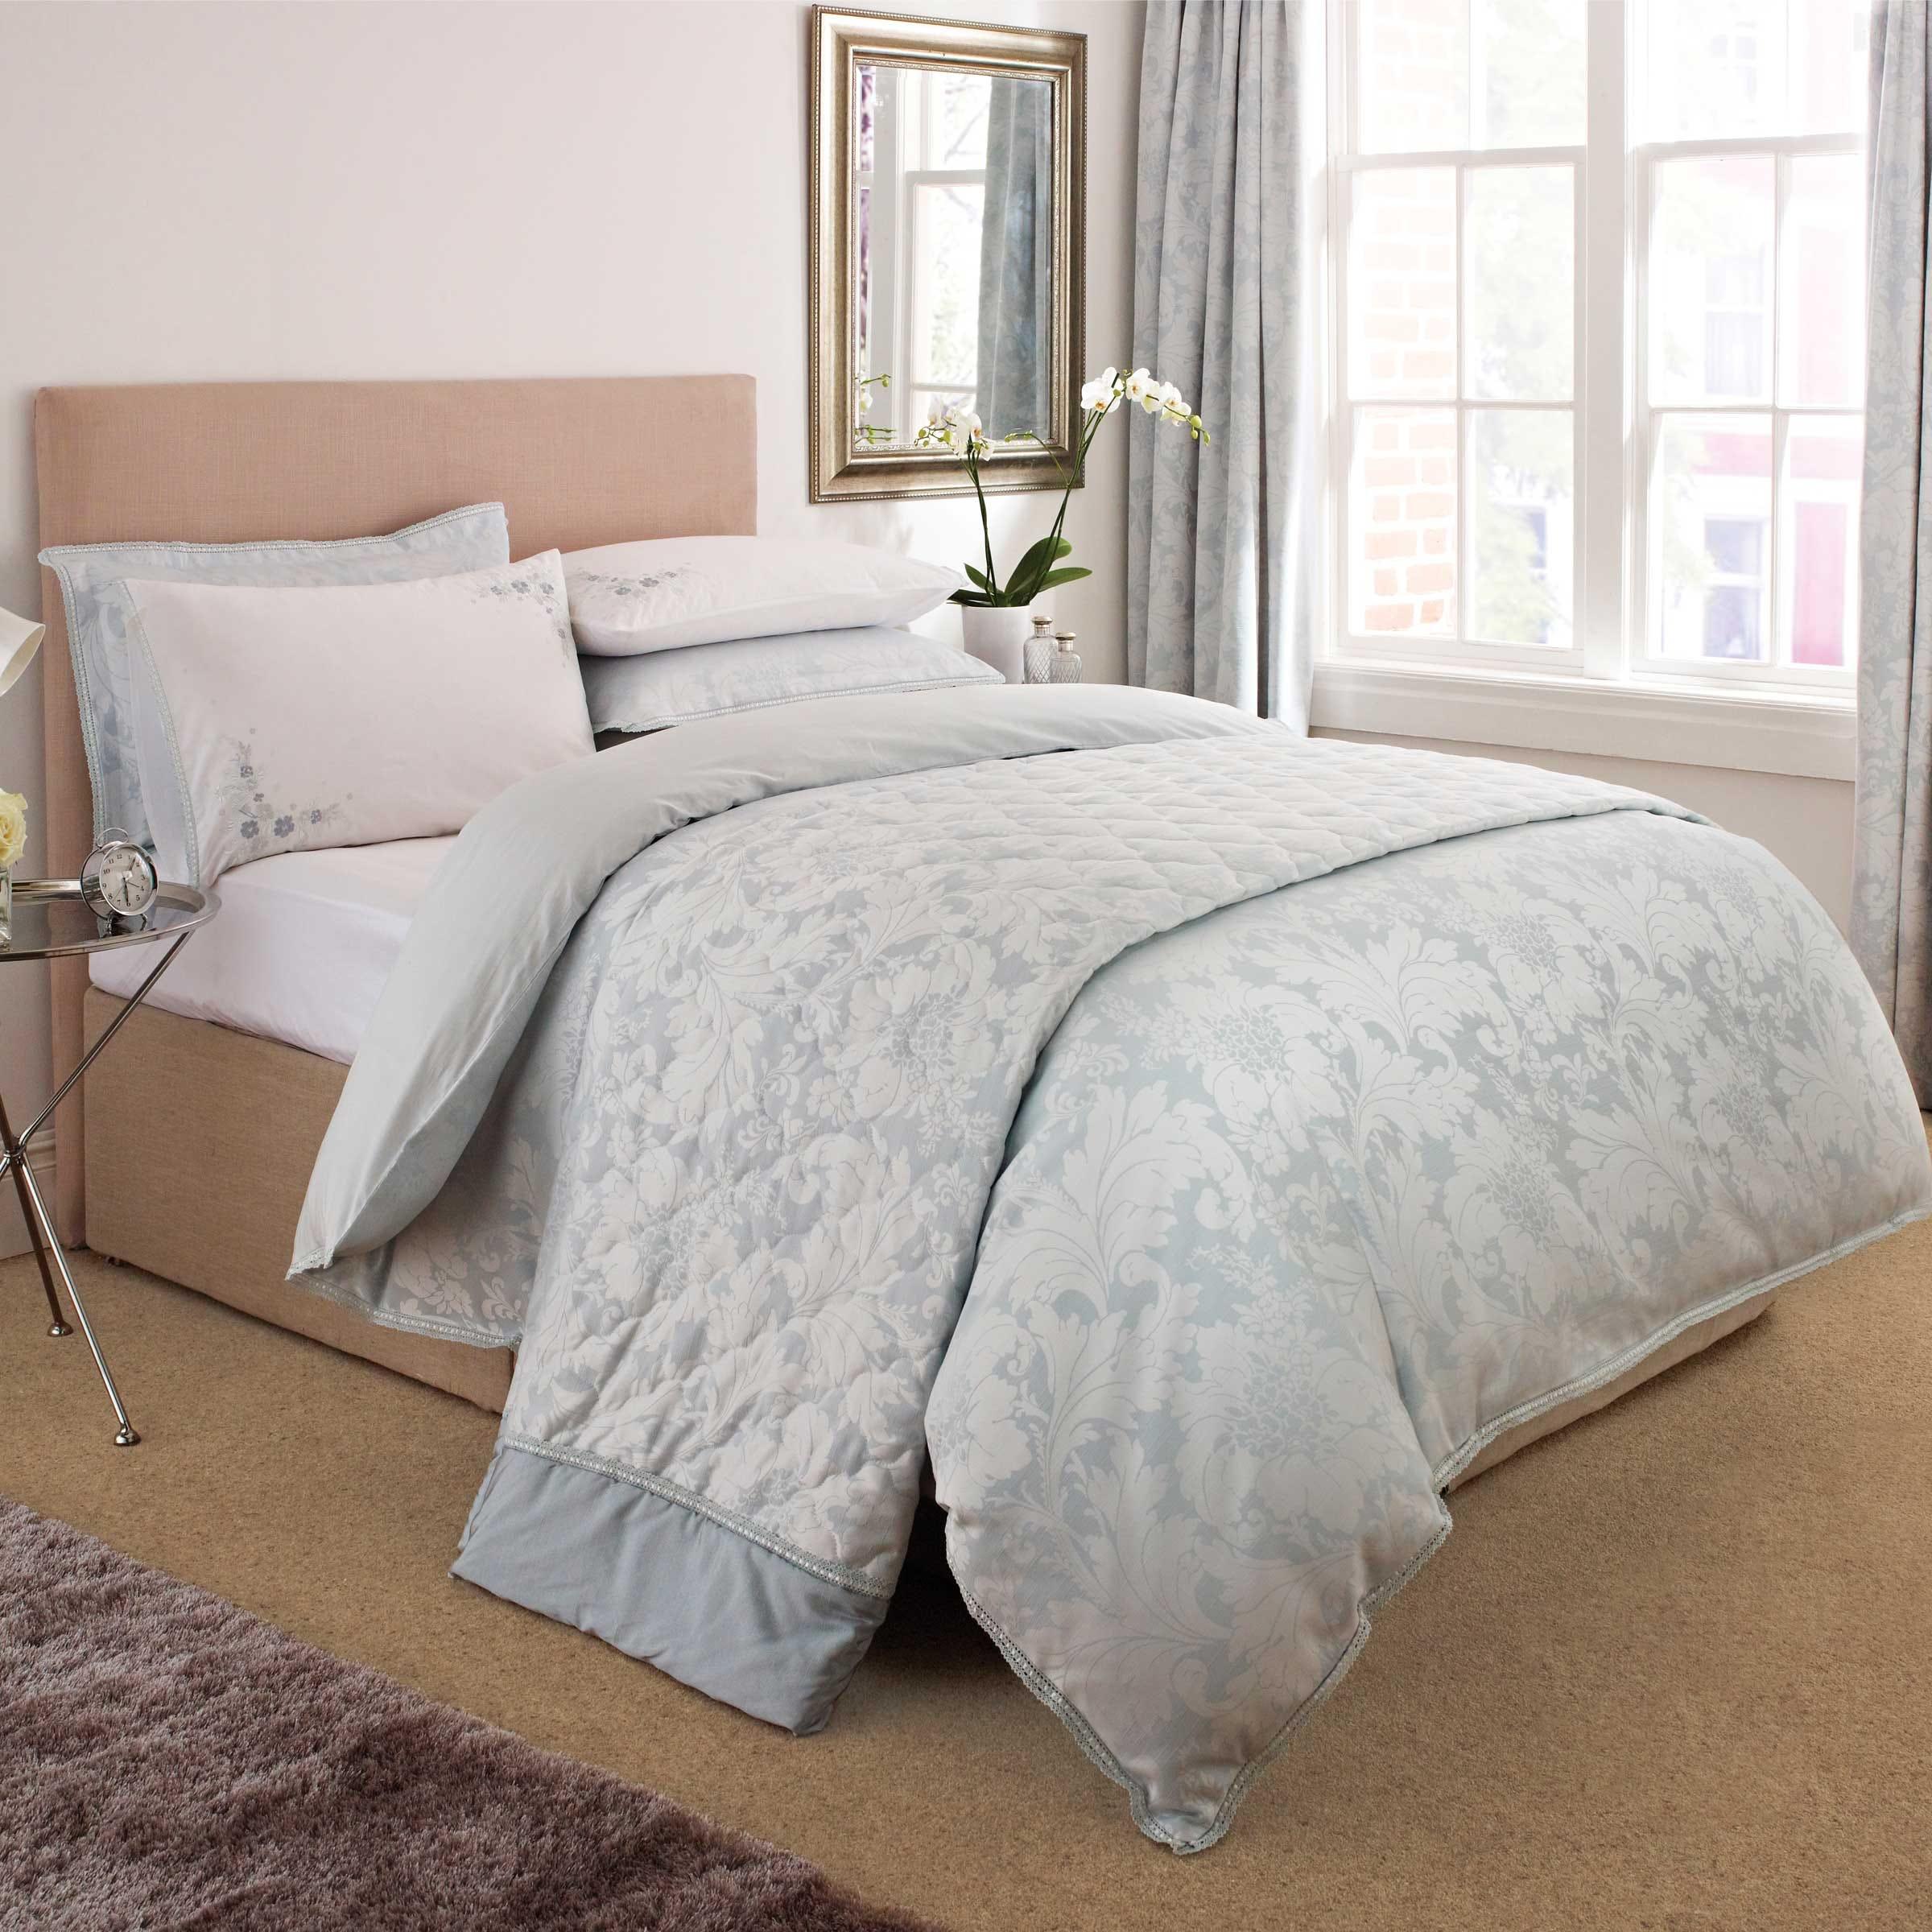 sanderson duvet cover shop for cheap furniture. Black Bedroom Furniture Sets. Home Design Ideas